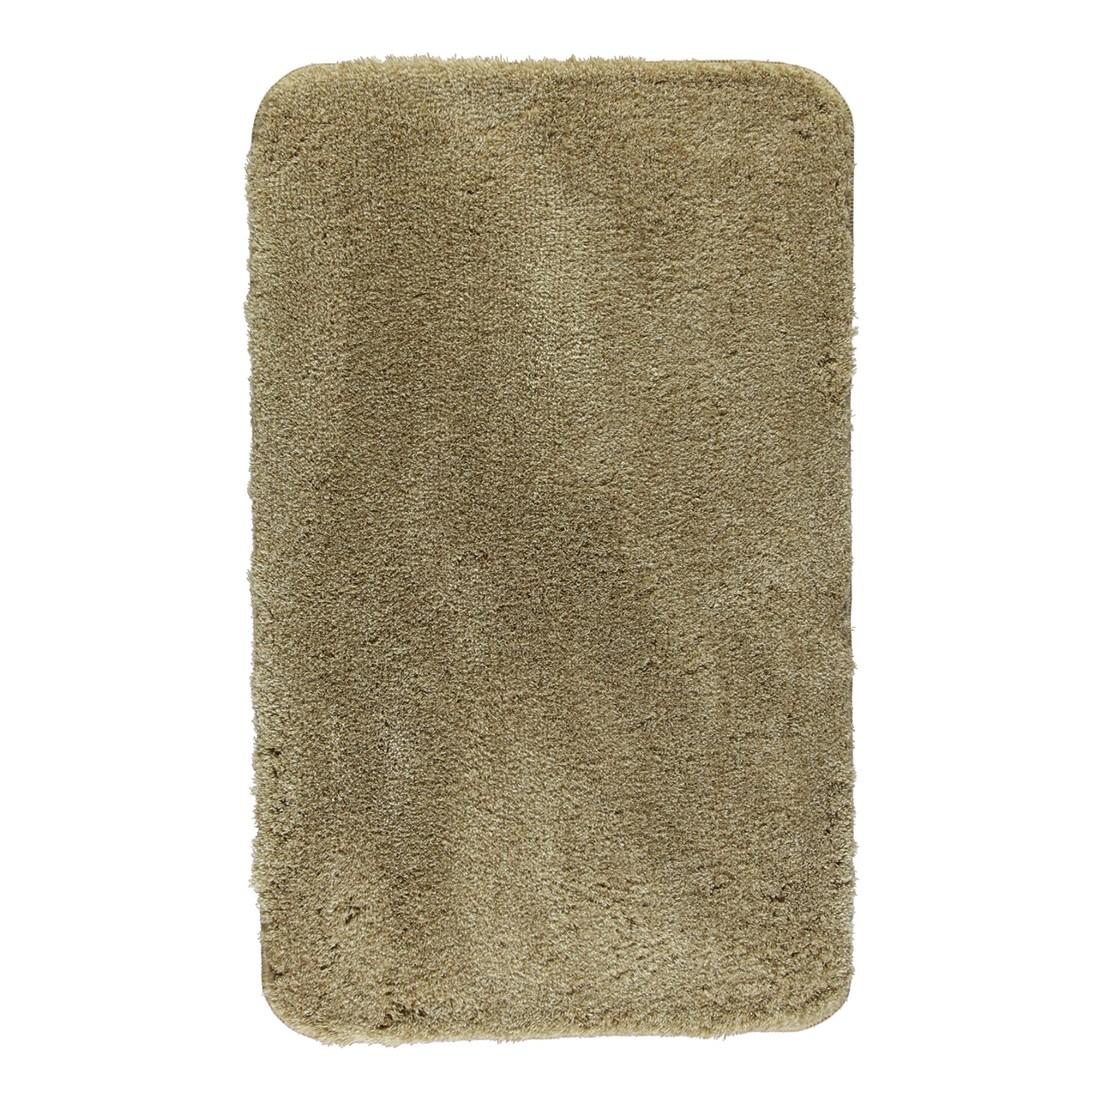 Badteppich Relax – 100% Polyacryl Walnuss – 264 – 60 x 100 cm, Kleine Wolke günstig online kaufen